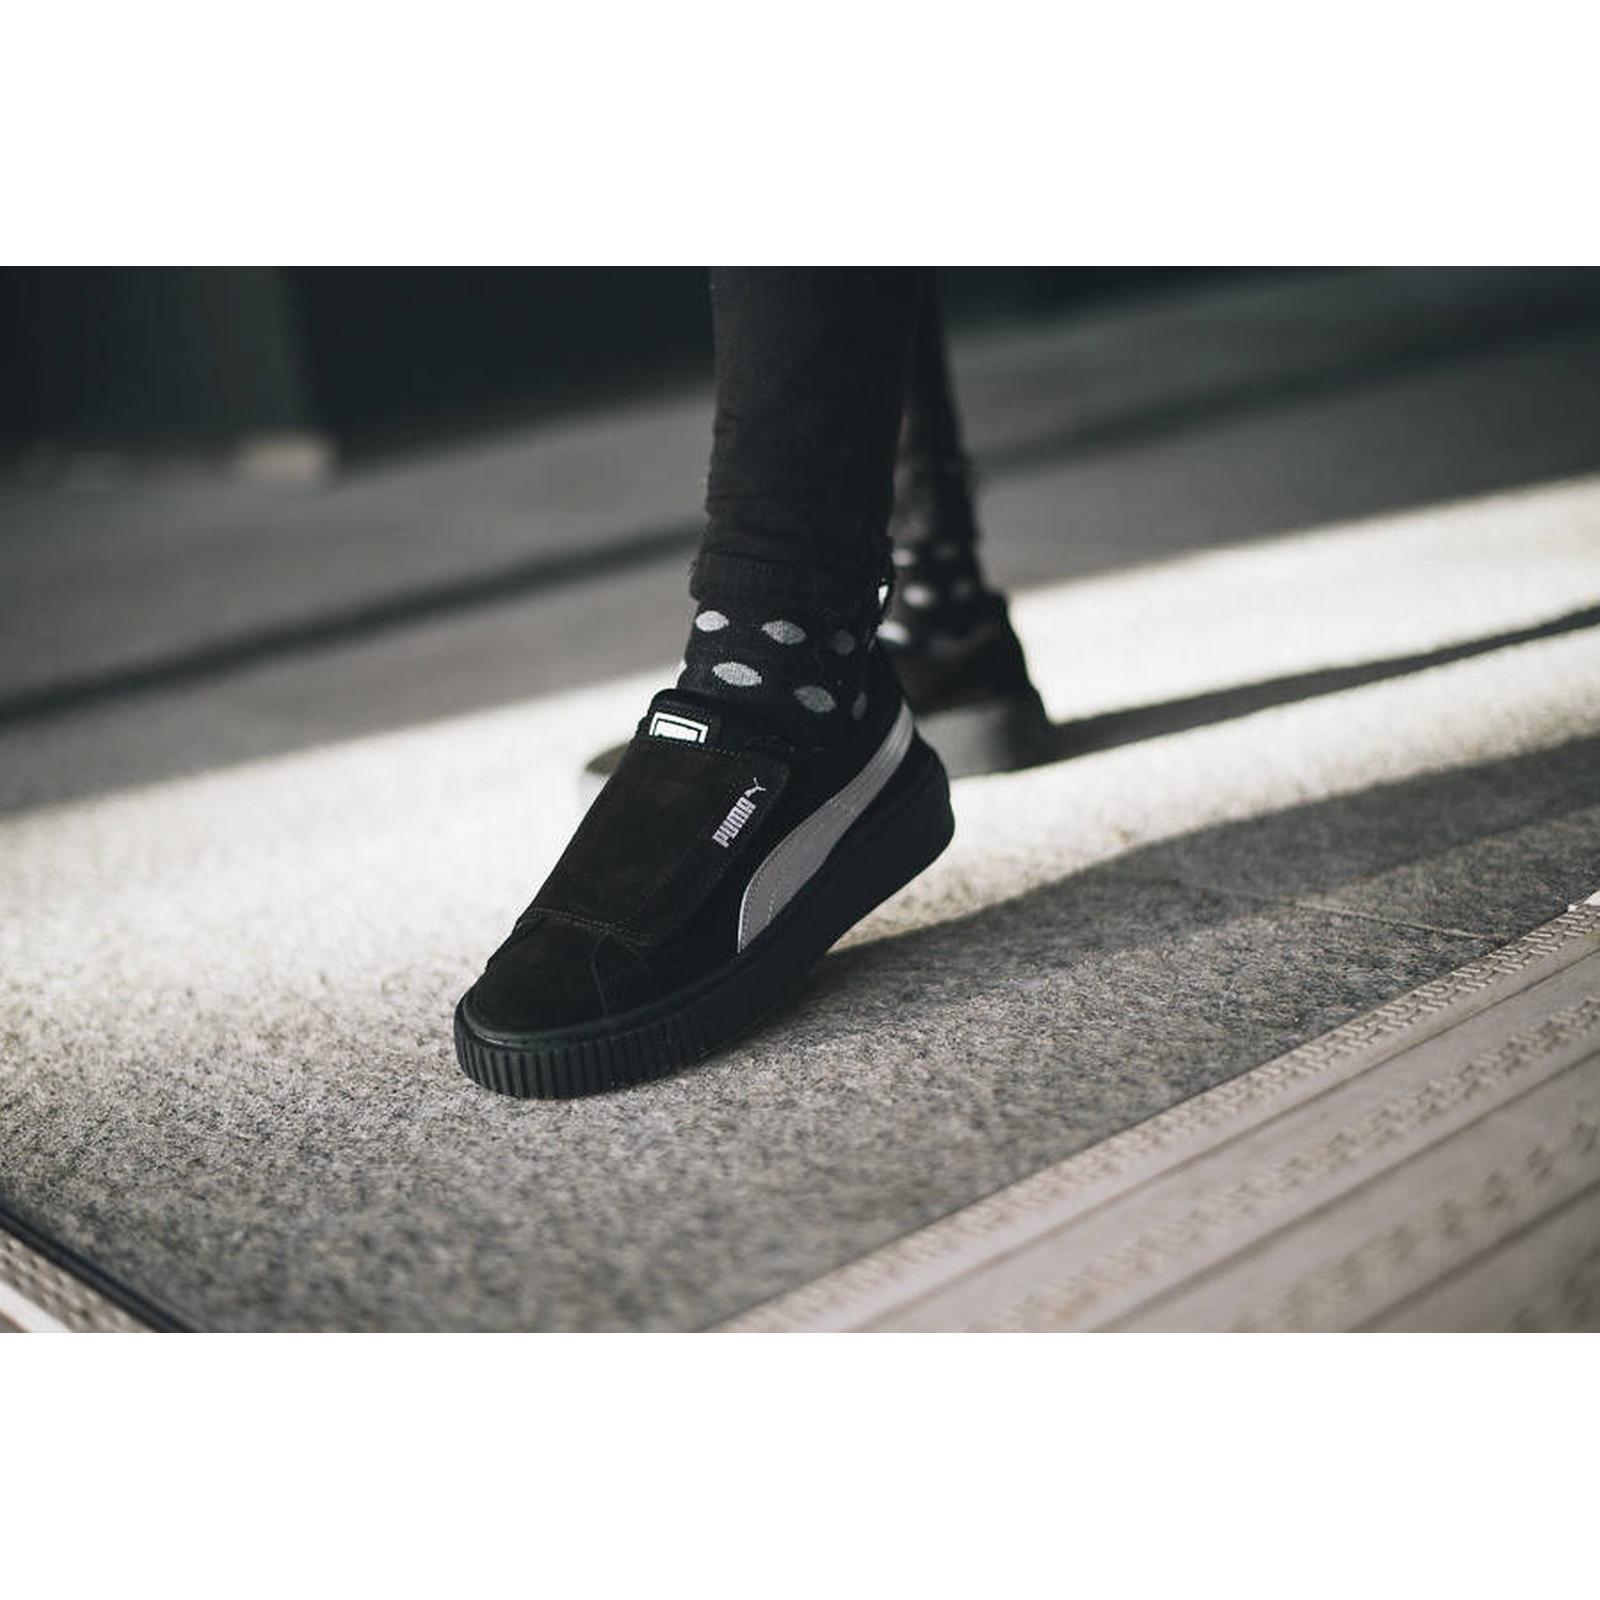 f00f68ff66 Platform sneakers Platform Satin Women's Puma Strap Puma Shoes Puma  qTBXaPxwz